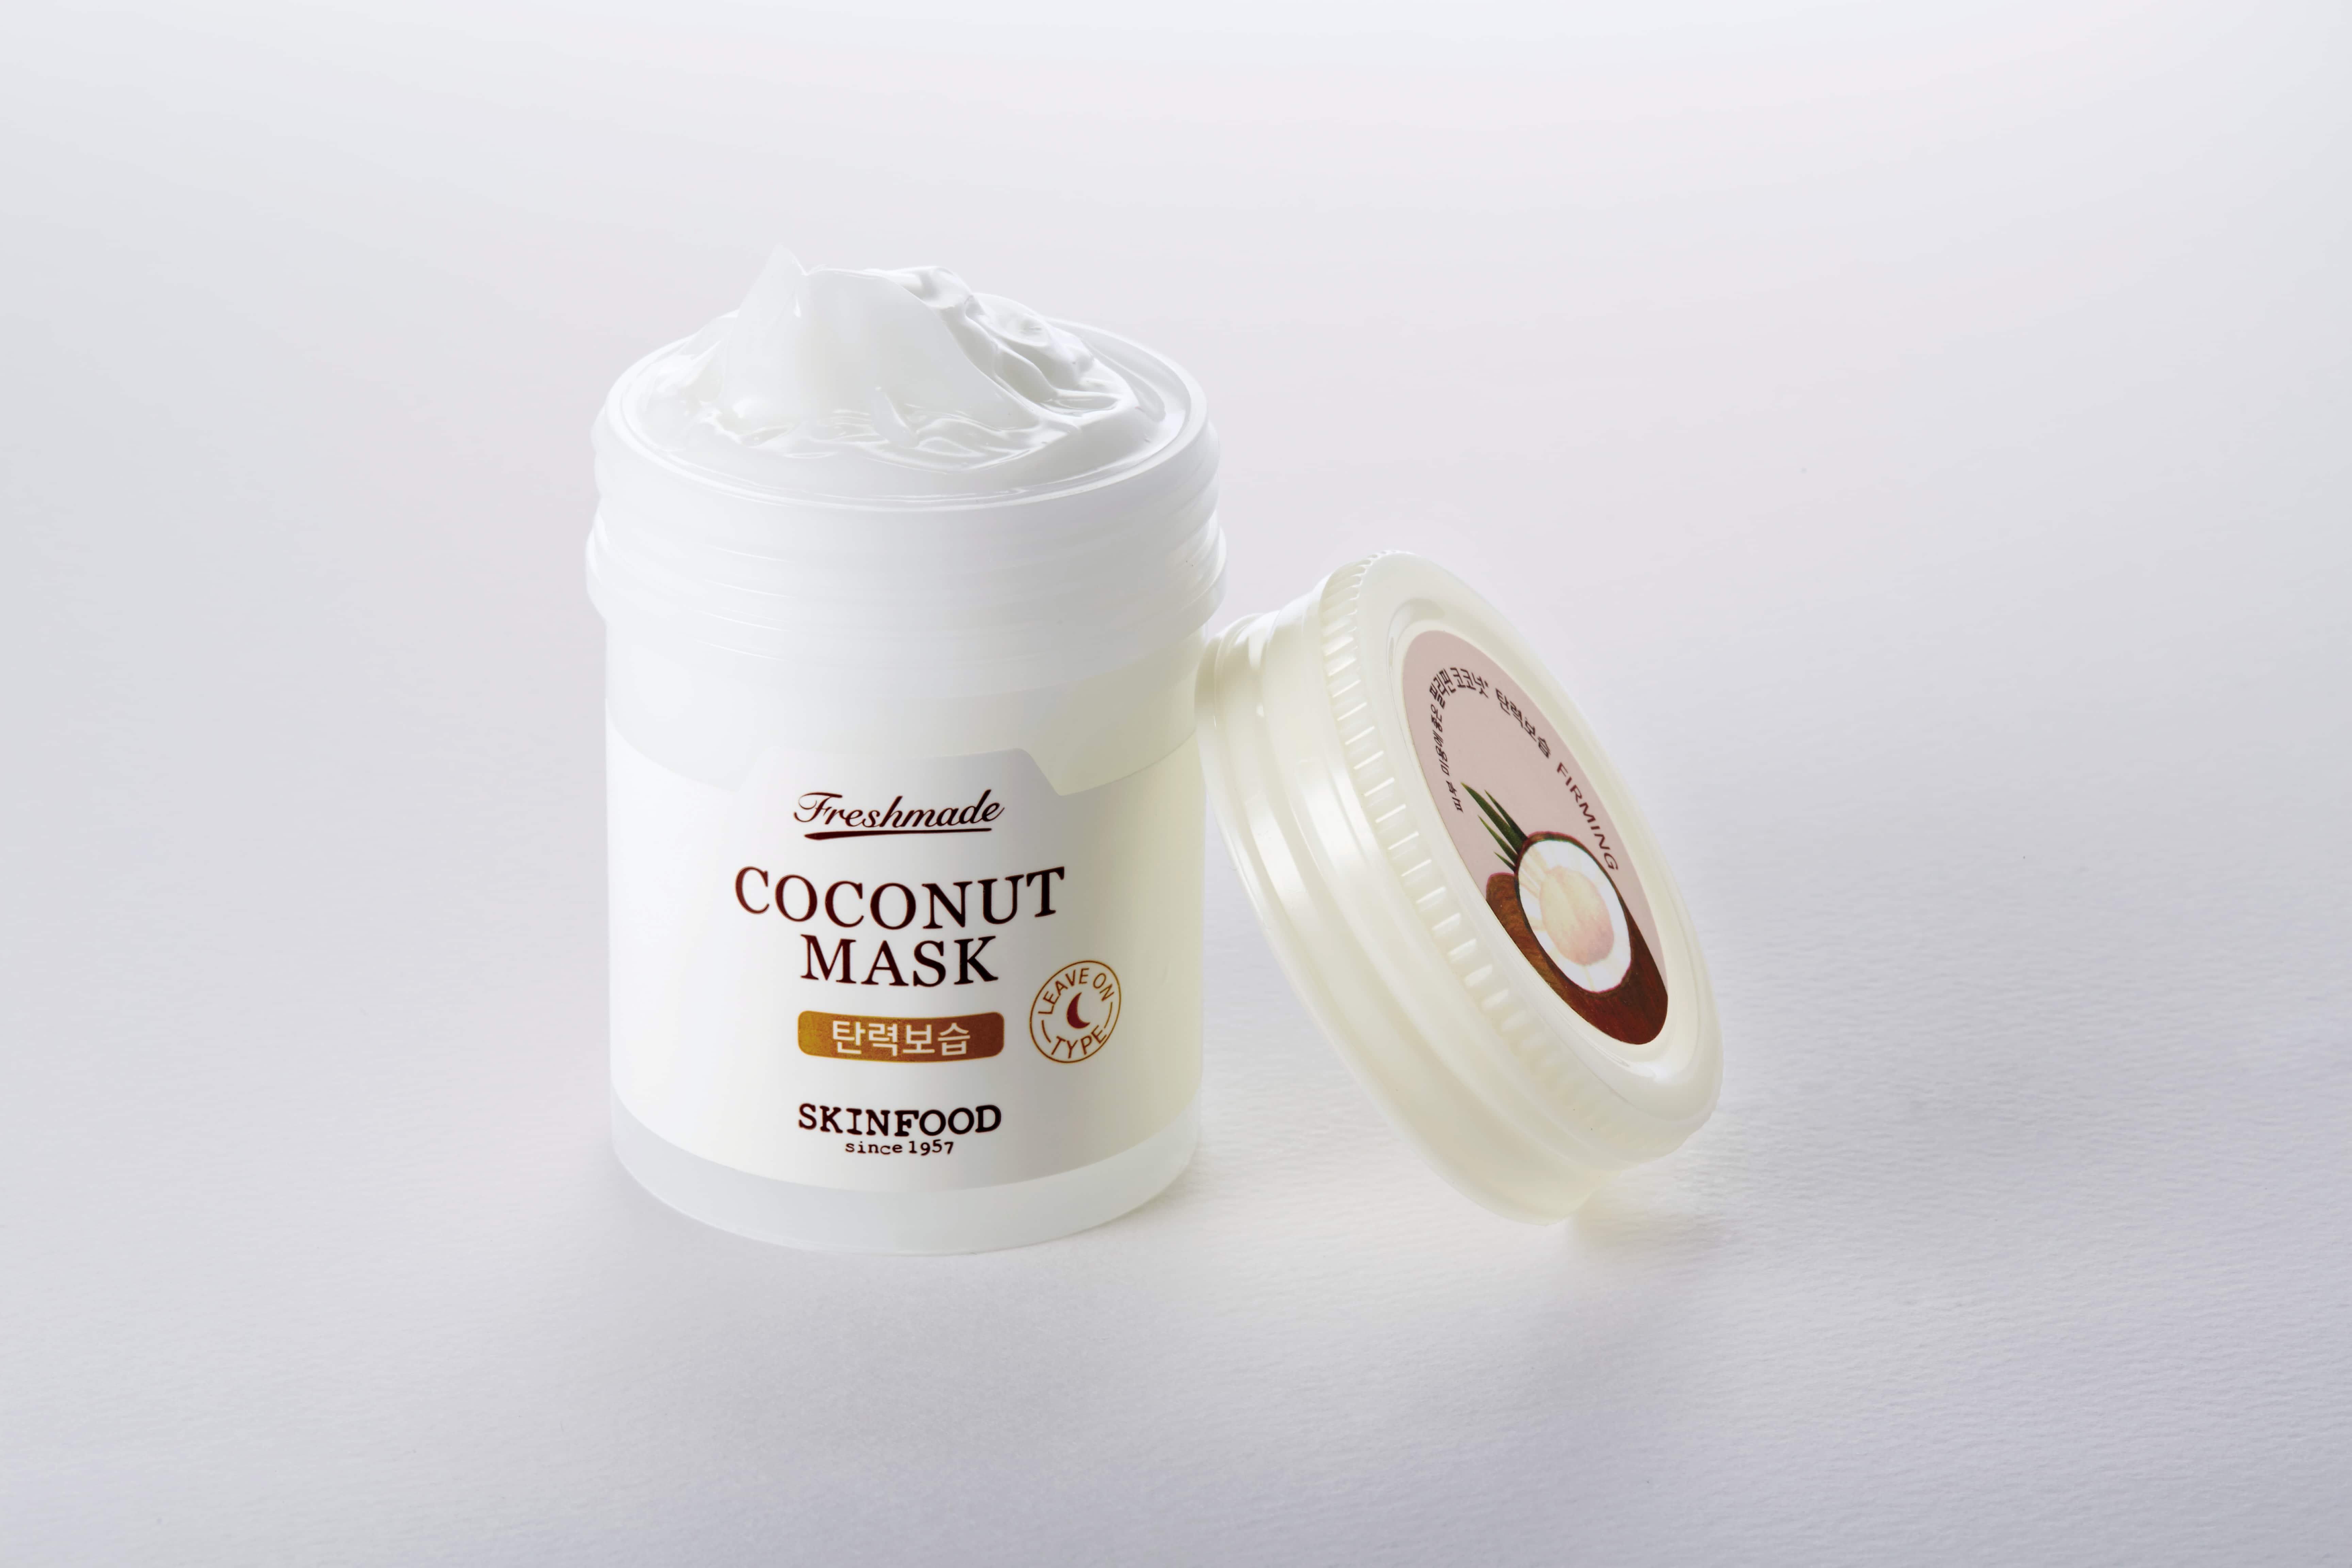 Skinfood: maschera tonificante al cocco